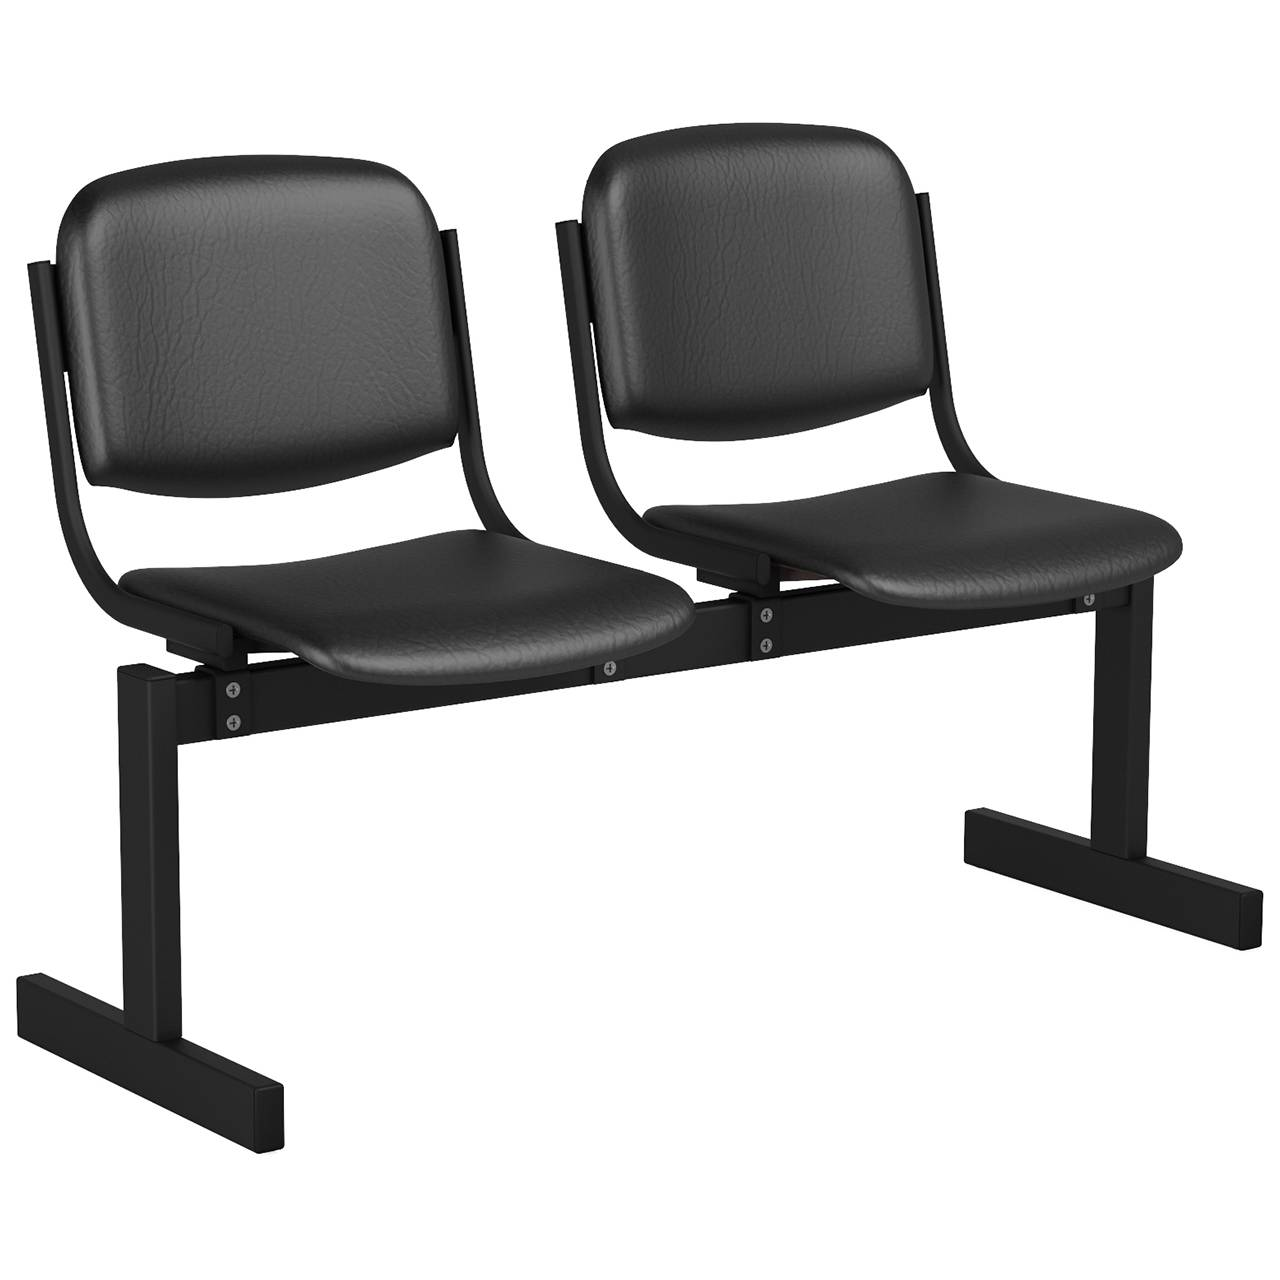 2-местный, не откидывающиеся сиденья, мягкий черный черный Кожзаменитель